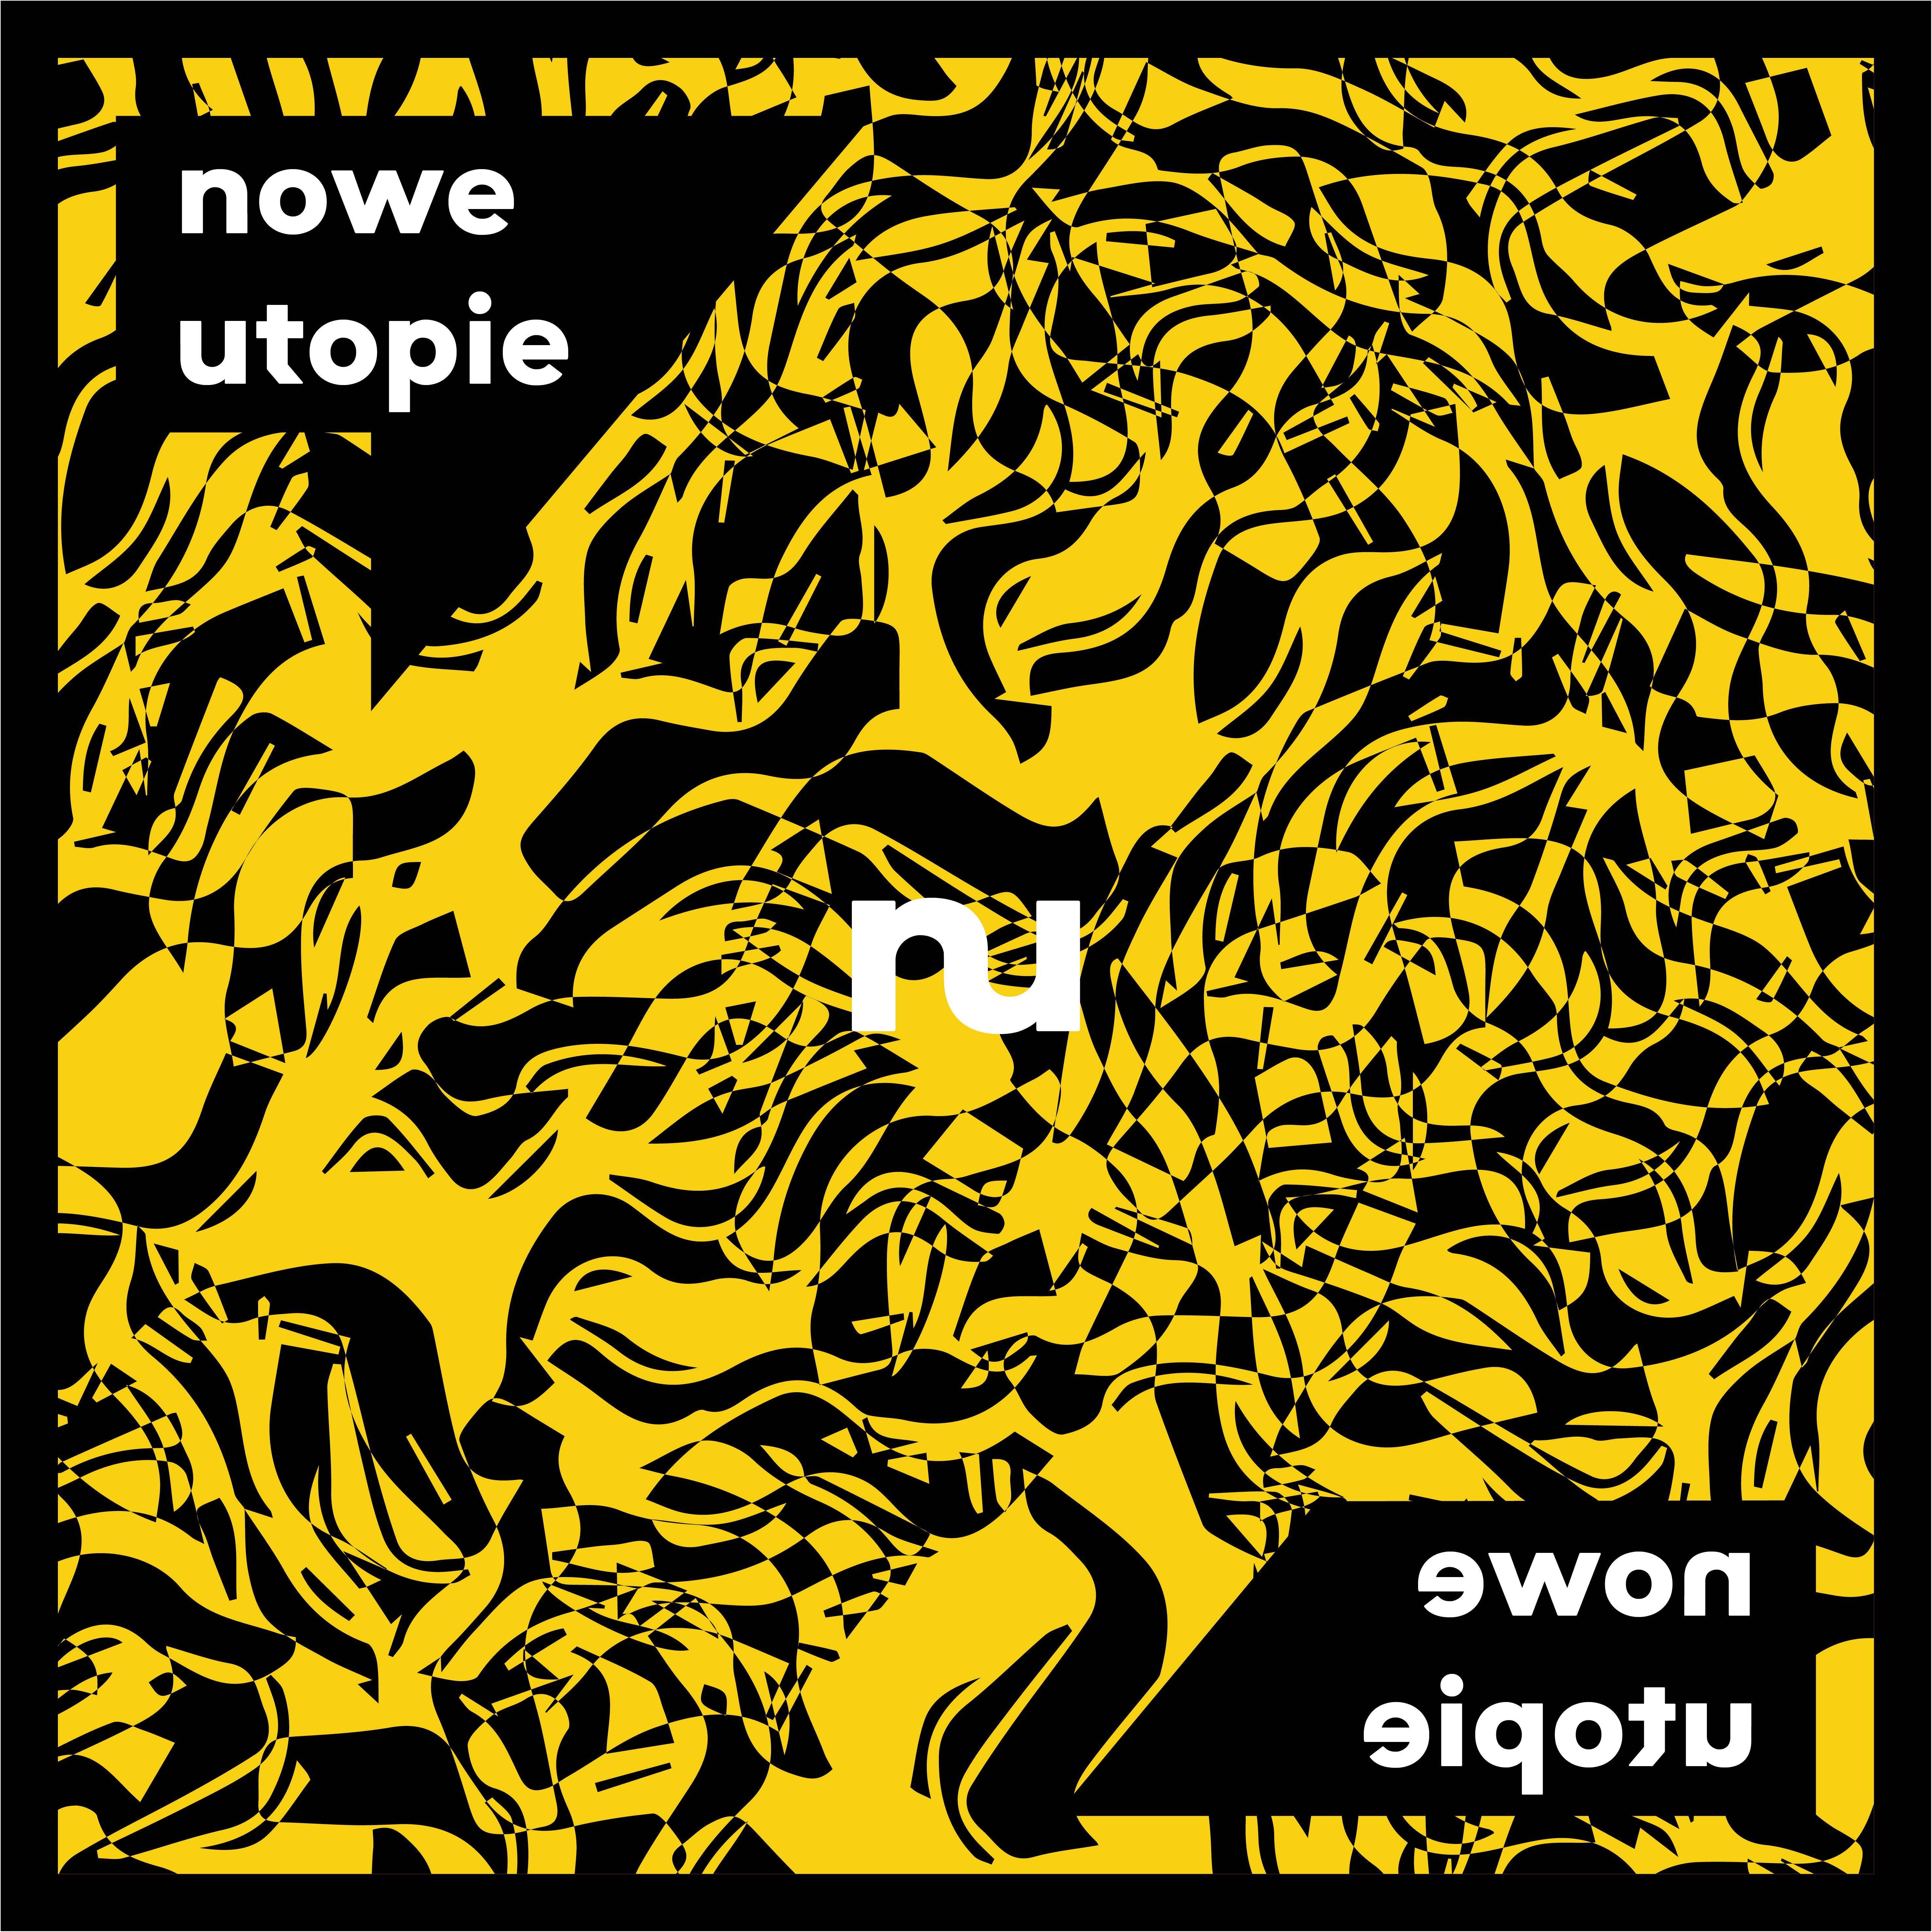 Nowe Utopie – wyniki konkursu